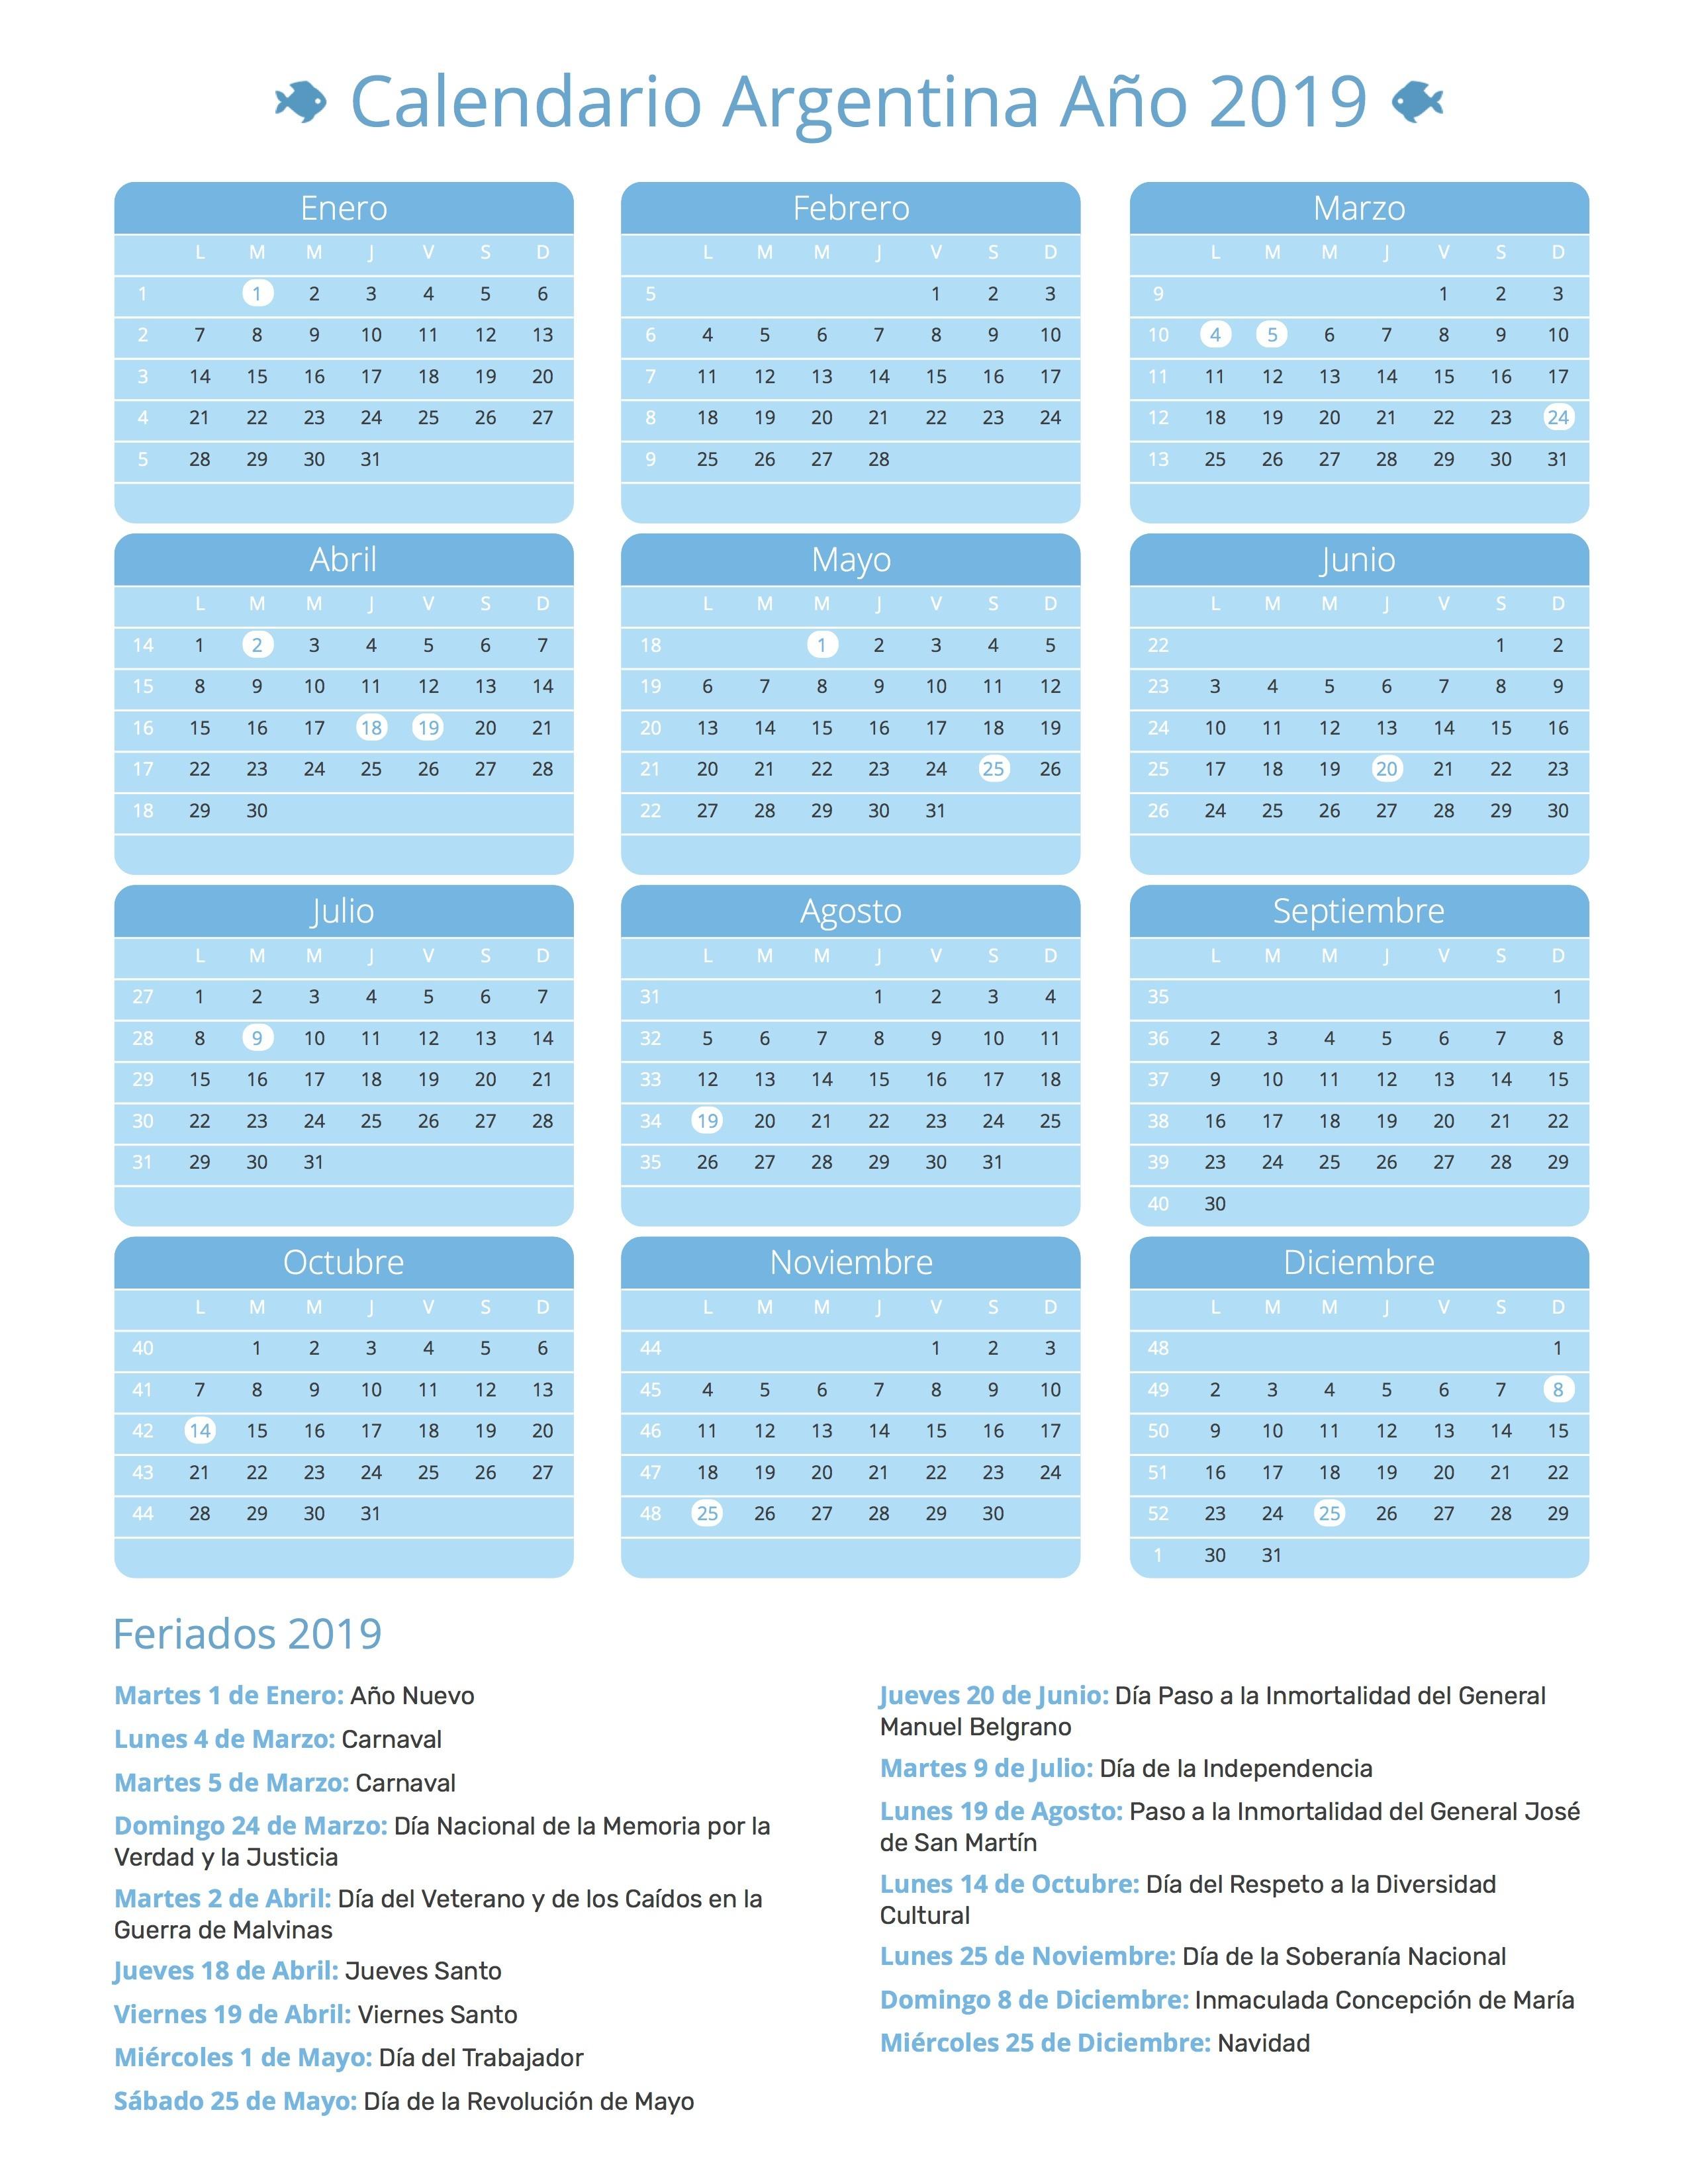 Calendario Lunar Junio 2019 Argentina Más Recientes Calendario Argentina A±o 2019 Of Calendario Lunar Junio 2019 Argentina Más Populares Nautical Free Free Nautical Charts & Publications No Image Version